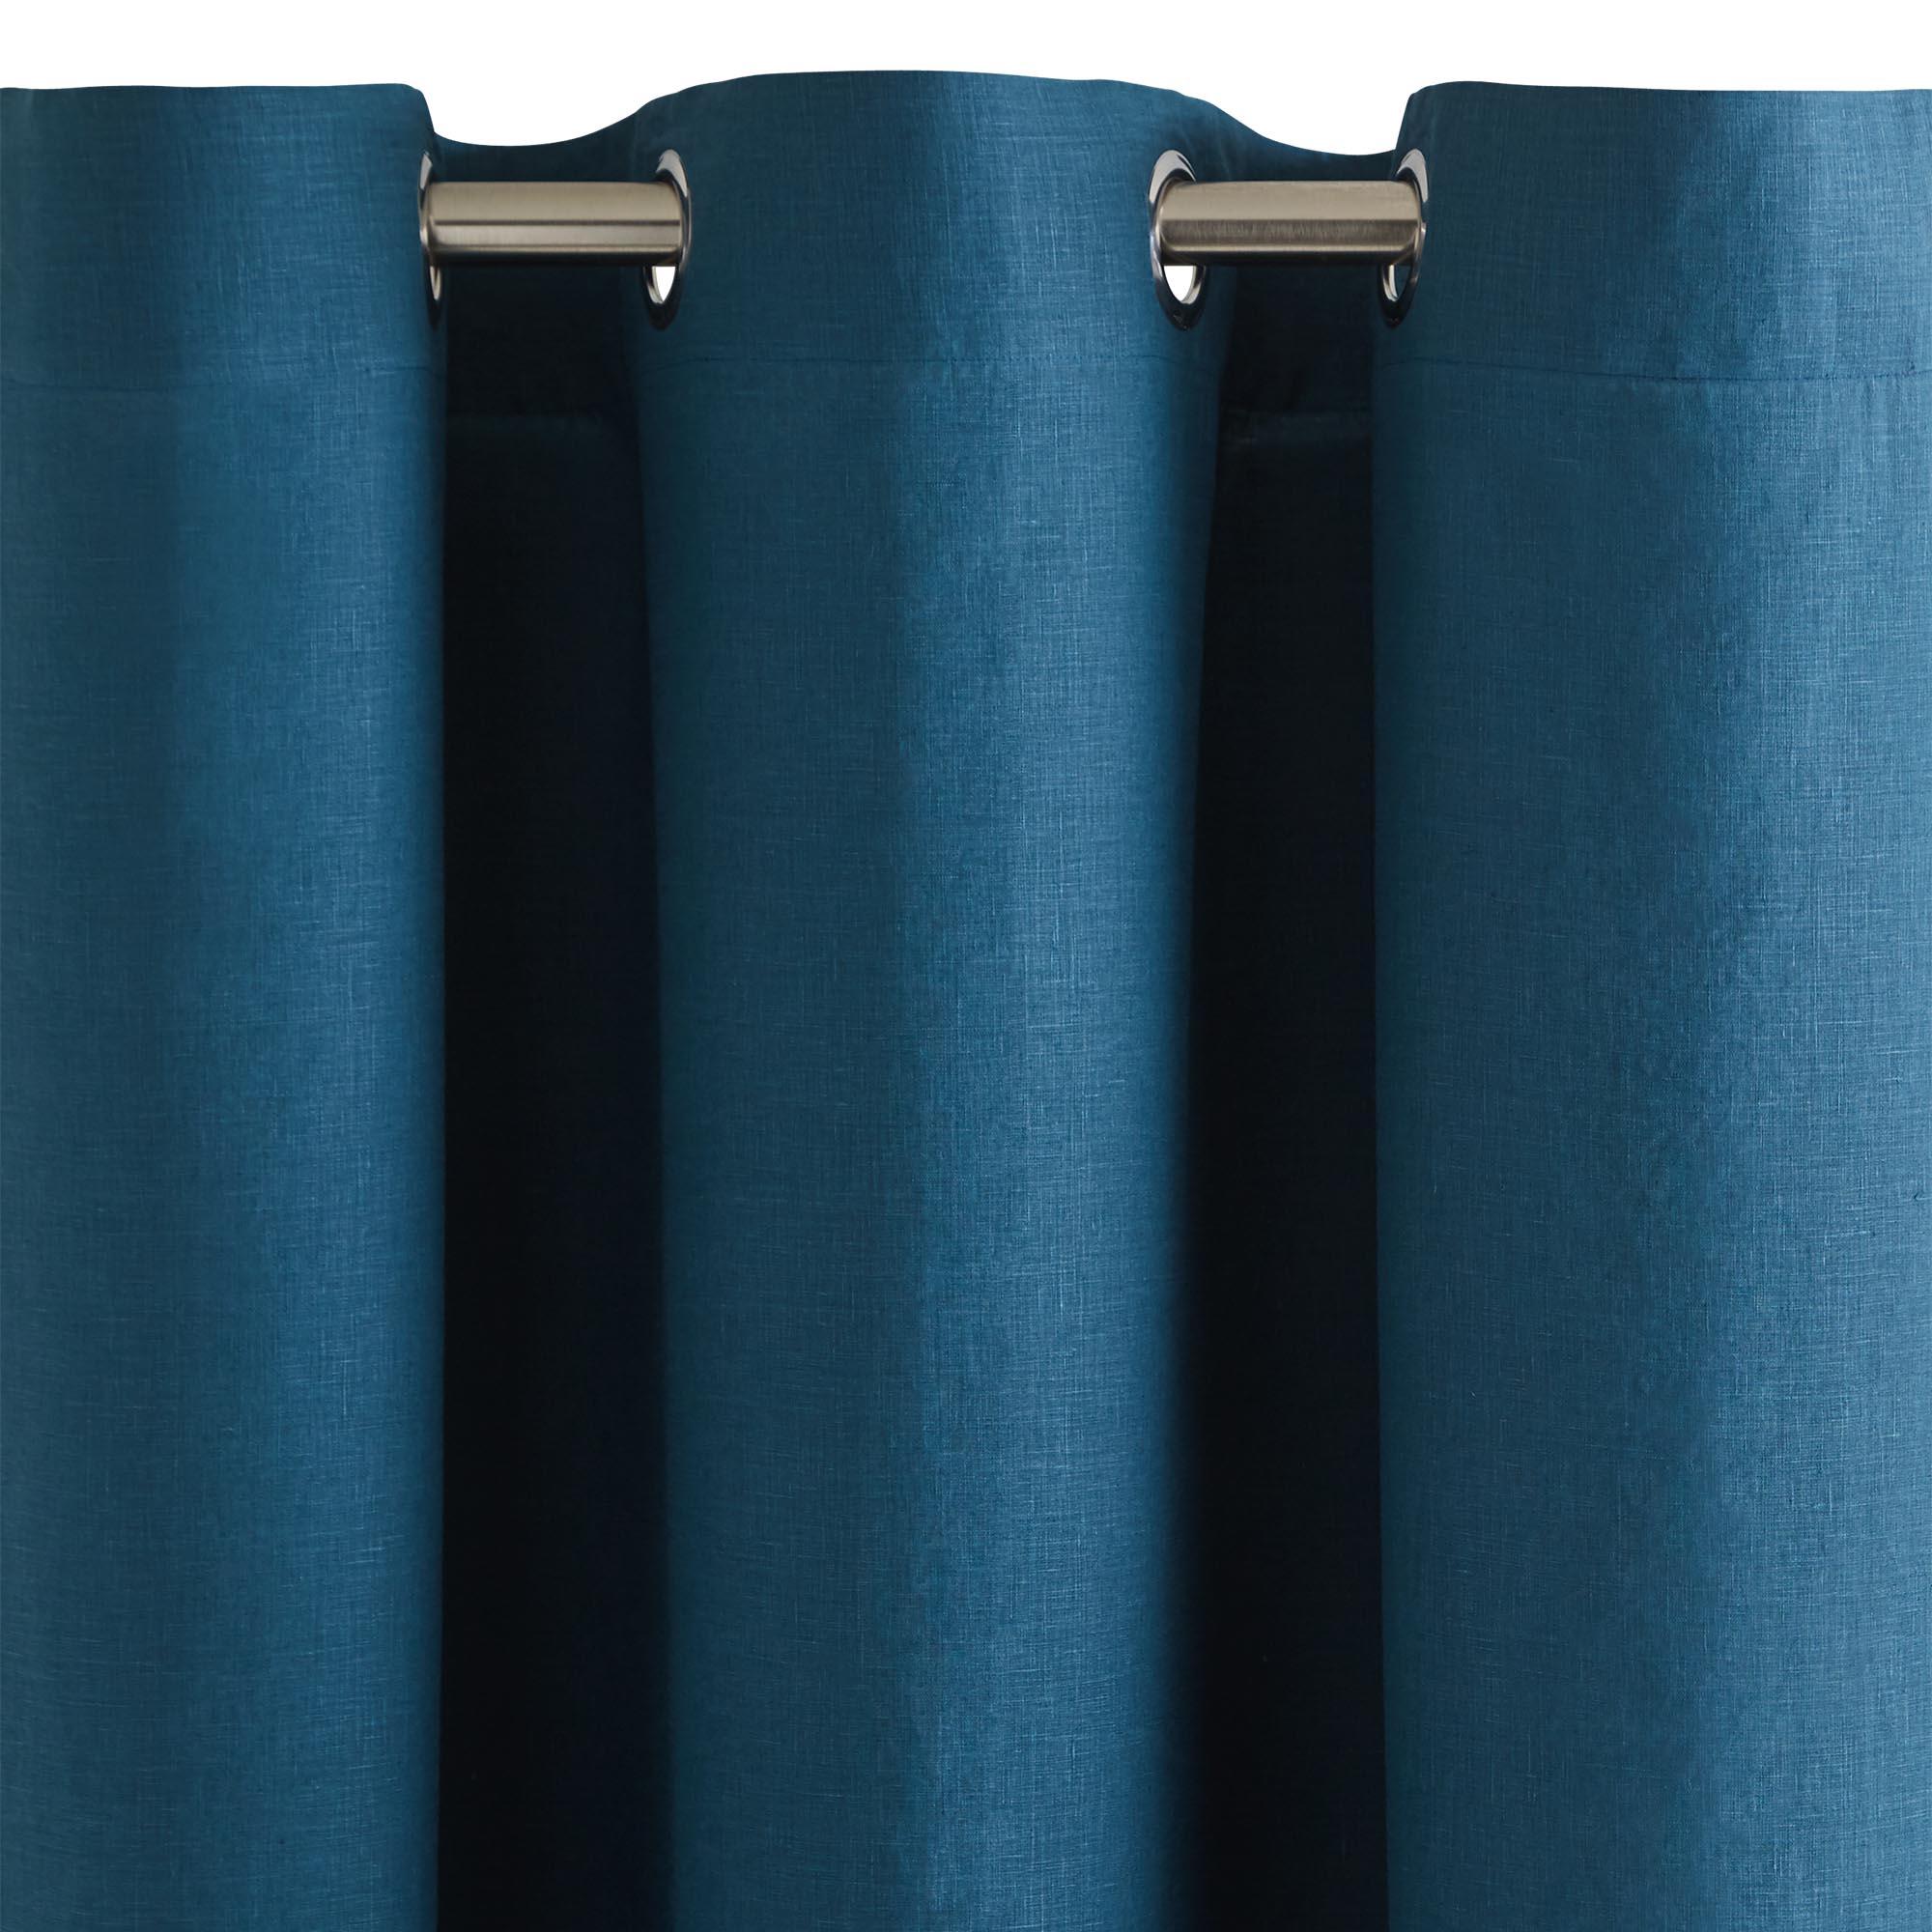 Rideau à oeillets 140x350 cm Bleu vert en Lin